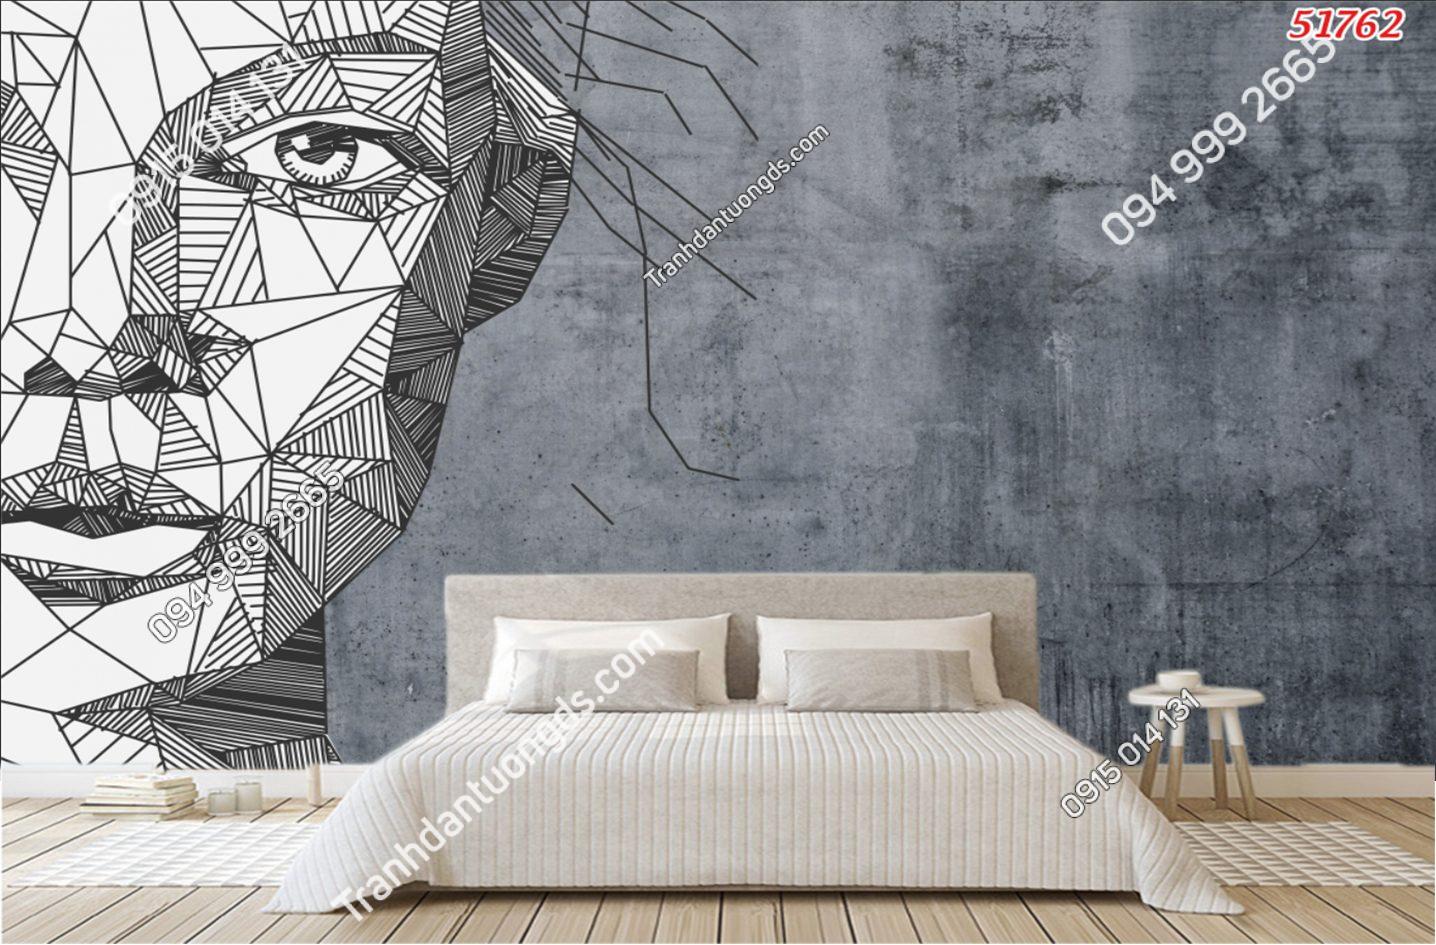 Tranh dán tường họa tiết mặt người trìu tượng 51762